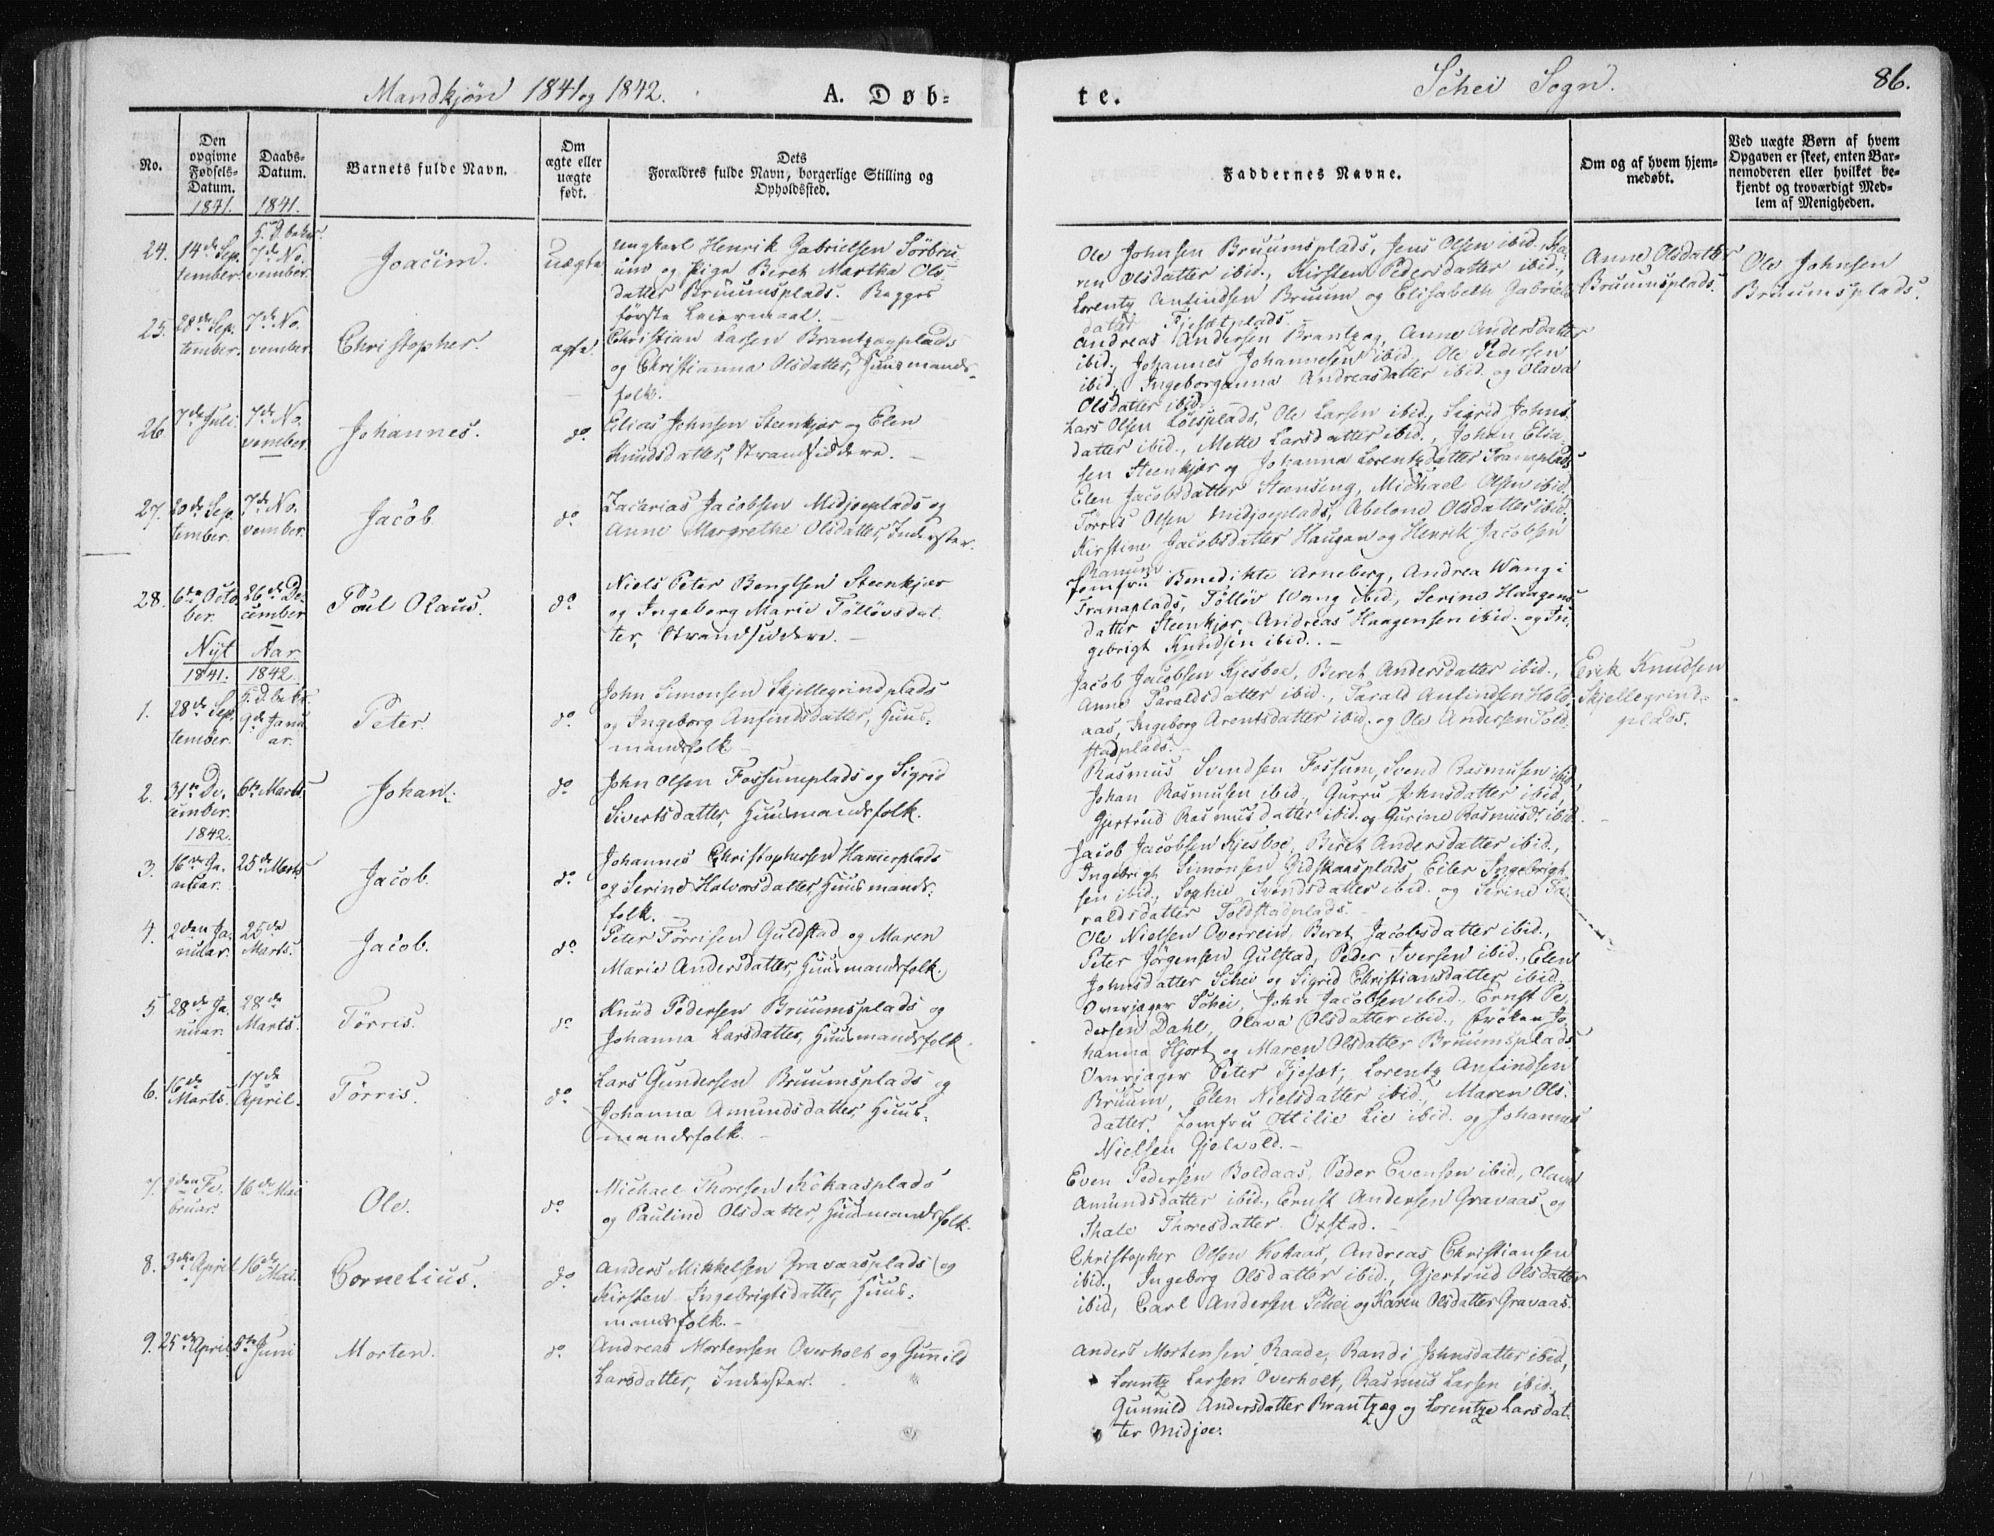 SAT, Ministerialprotokoller, klokkerbøker og fødselsregistre - Nord-Trøndelag, 735/L0339: Ministerialbok nr. 735A06 /2, 1836-1848, s. 86